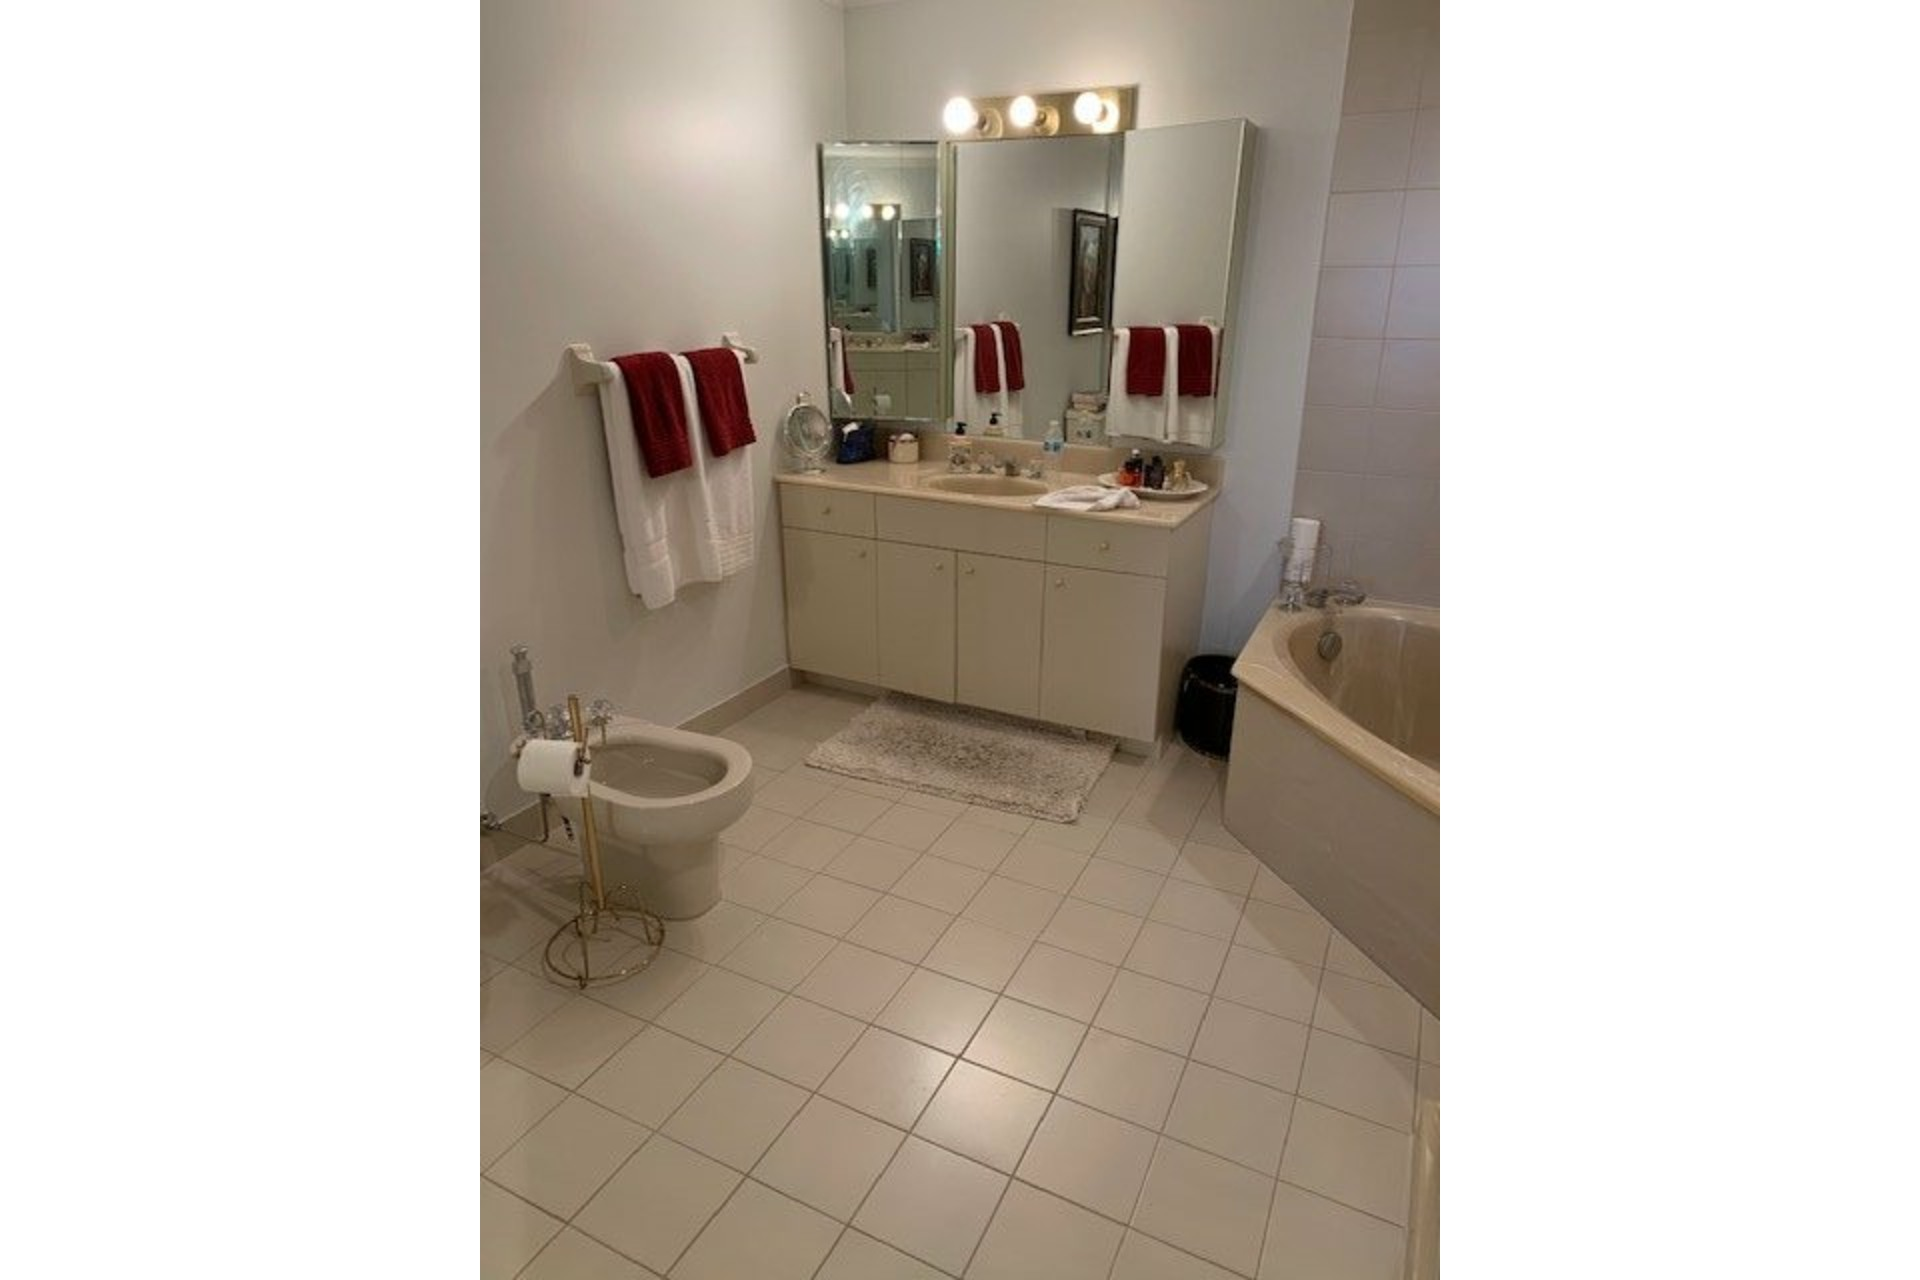 image 32 - Apartment For sale Côte-des-Neiges/Notre-Dame-de-Grâce Montréal  - 5 rooms